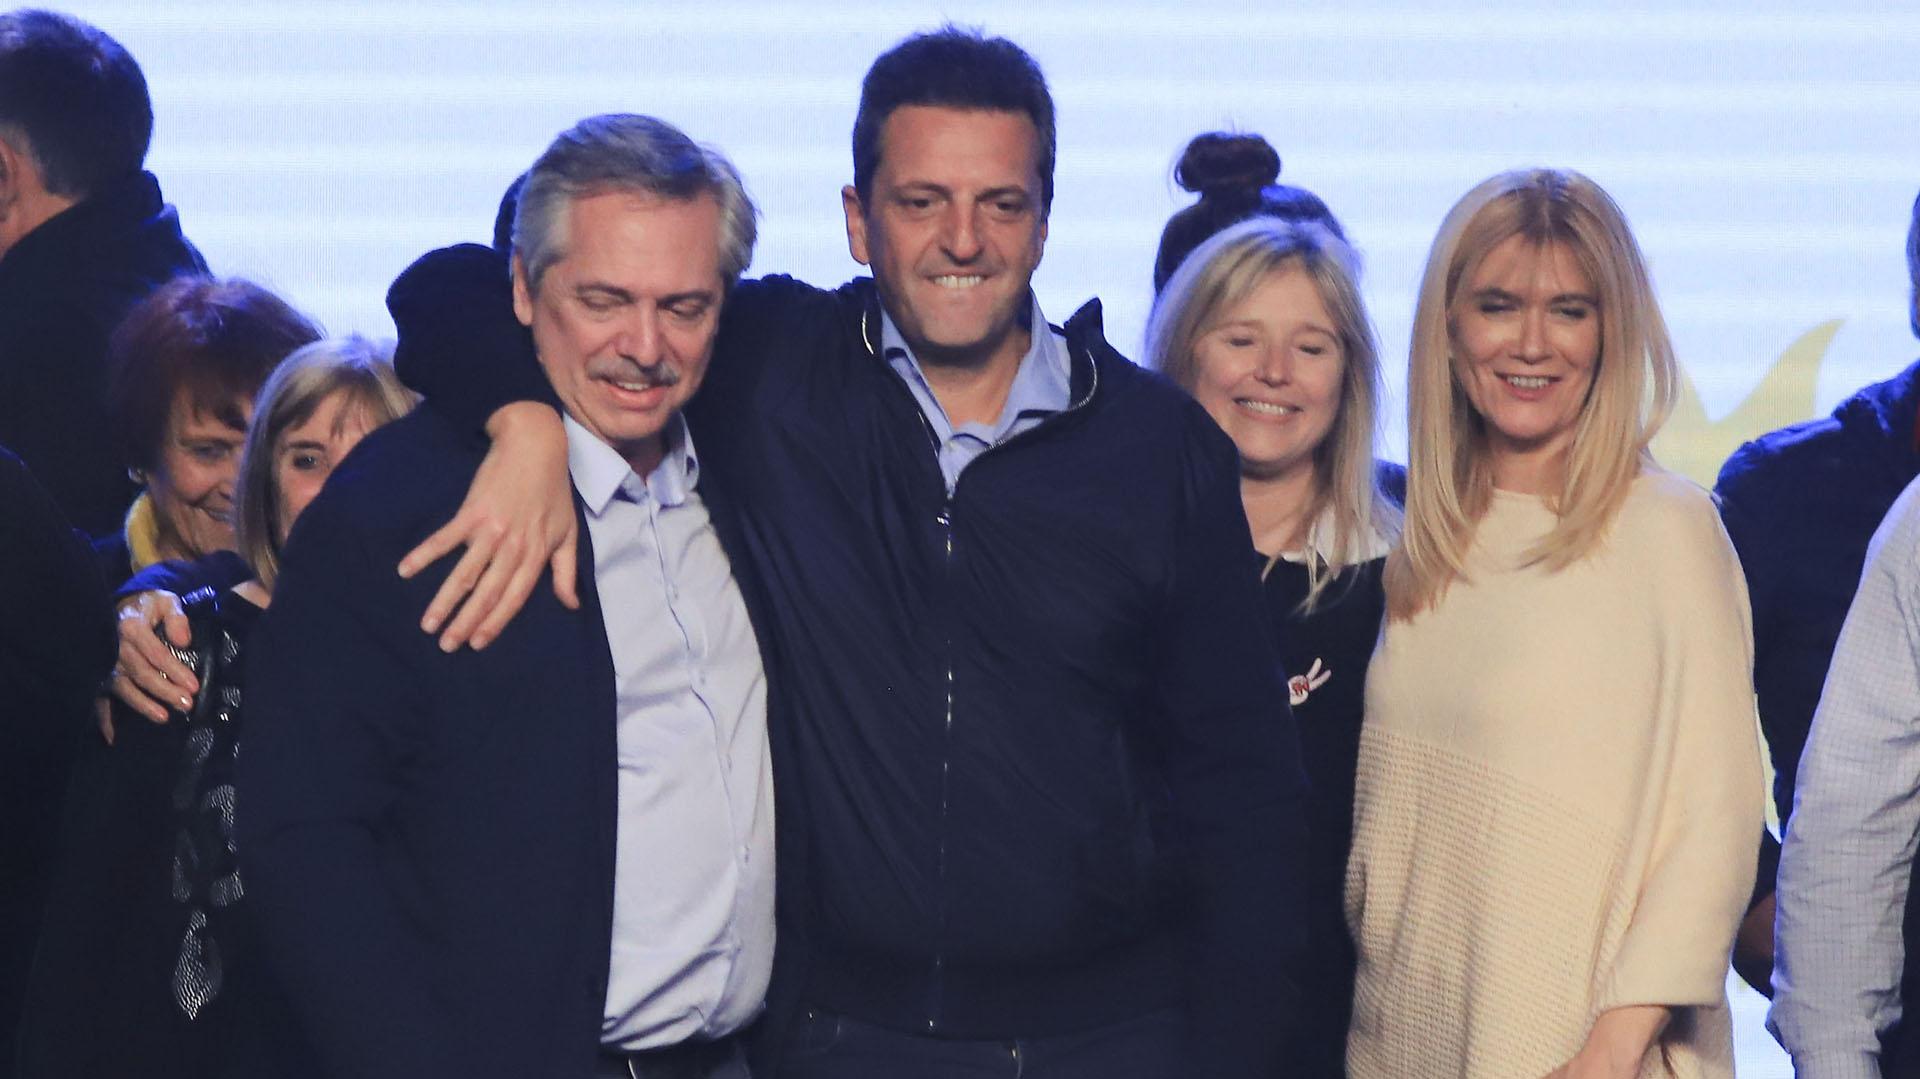 El candidato a presidente por el Frente de Todos, Alberto Fernandez, junto a Sergio Massa y a Verónica Magario, luego de conocerse los resultados de las PASO (NA)